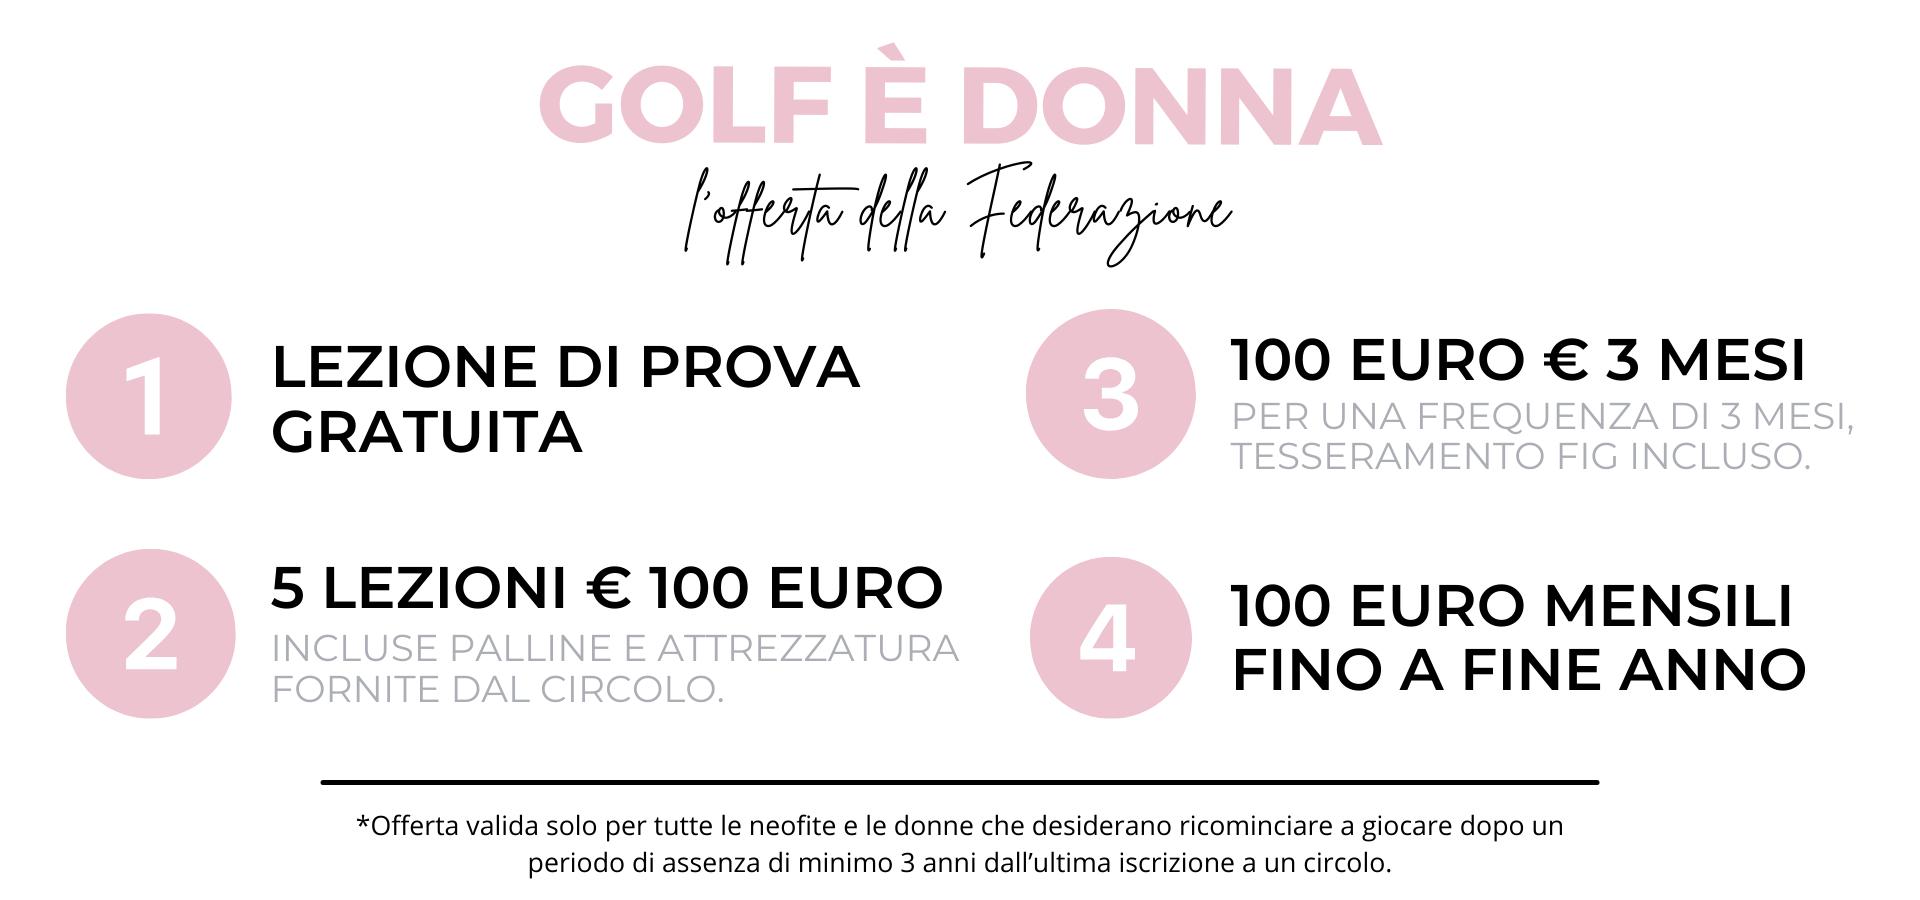 golf è donna offerta federazione